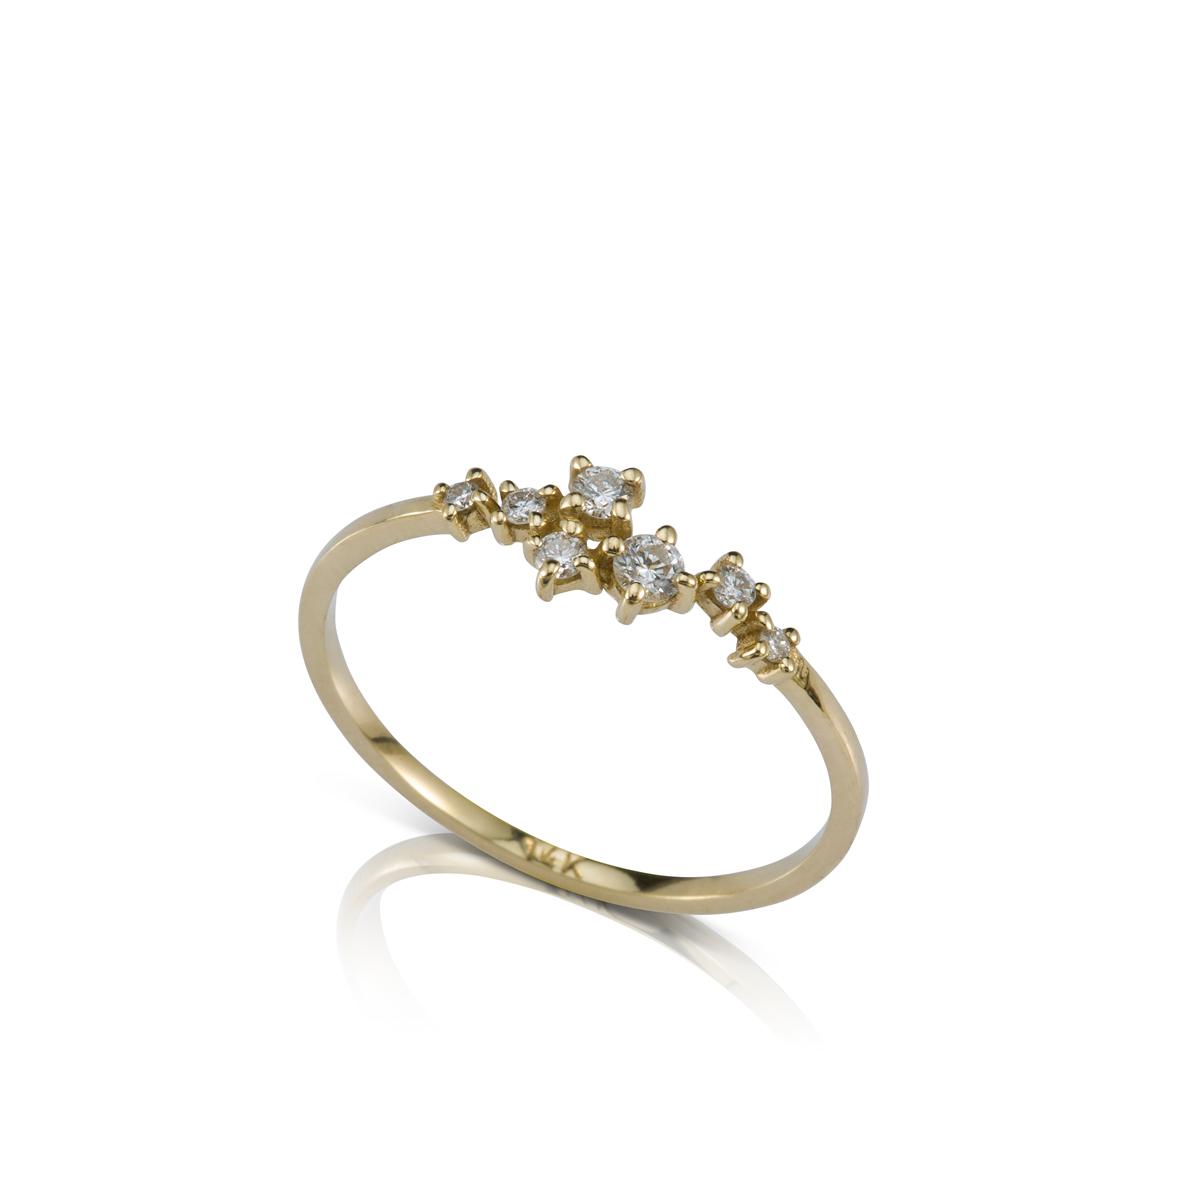 טבעת זהב עדינה ומיוחדת משובצת יהלומים בגדלים משתנים